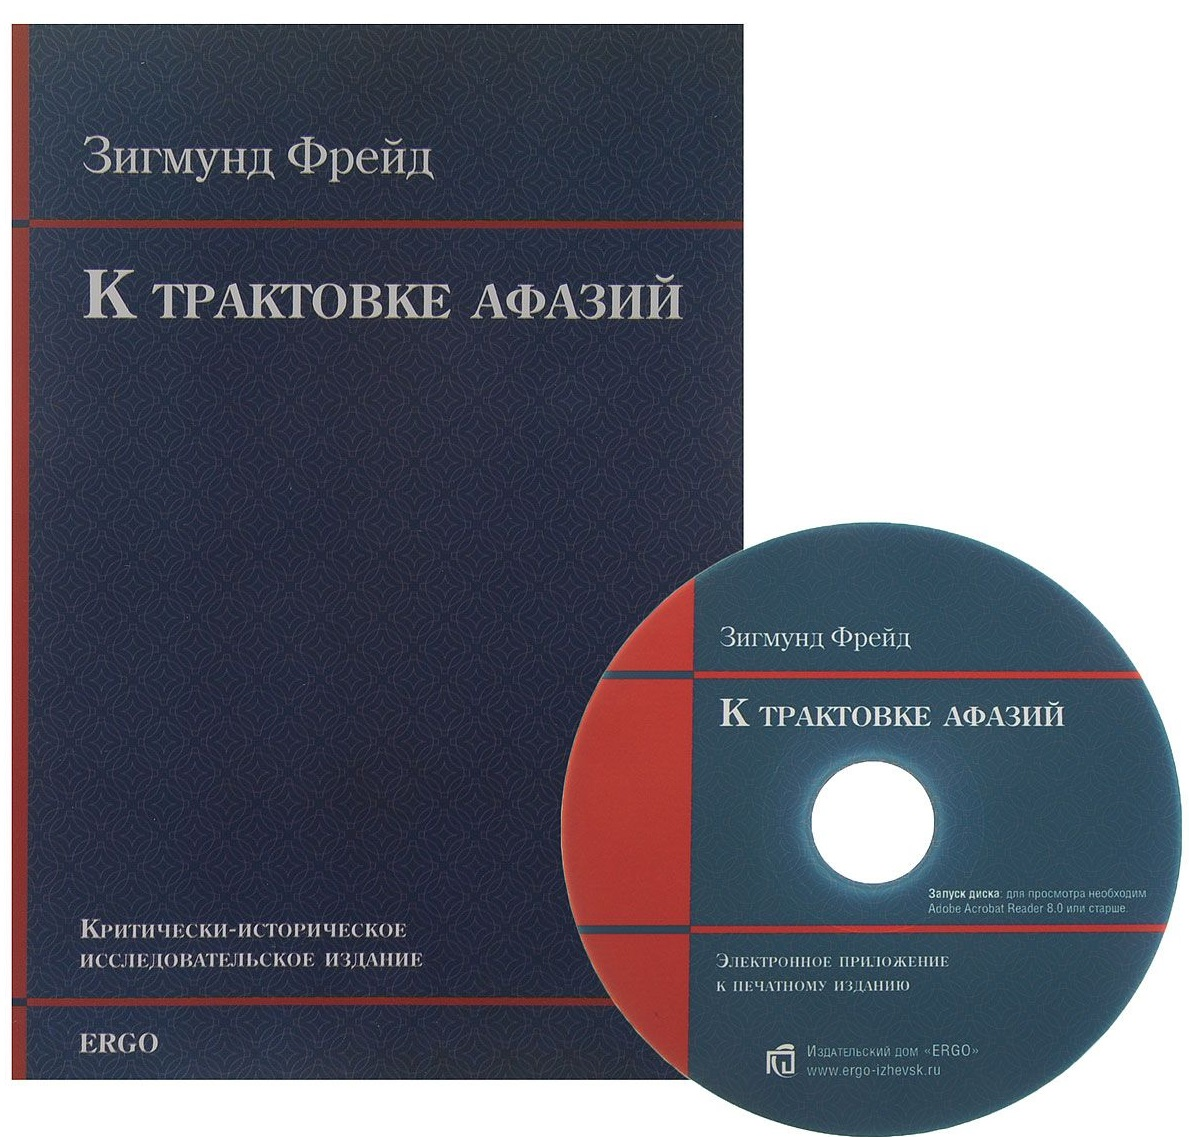 Фрейд З. К трактовке афазий (+CD) cd ak фрейд з неудовлетворенность культурой mp3 jewel медиакнига